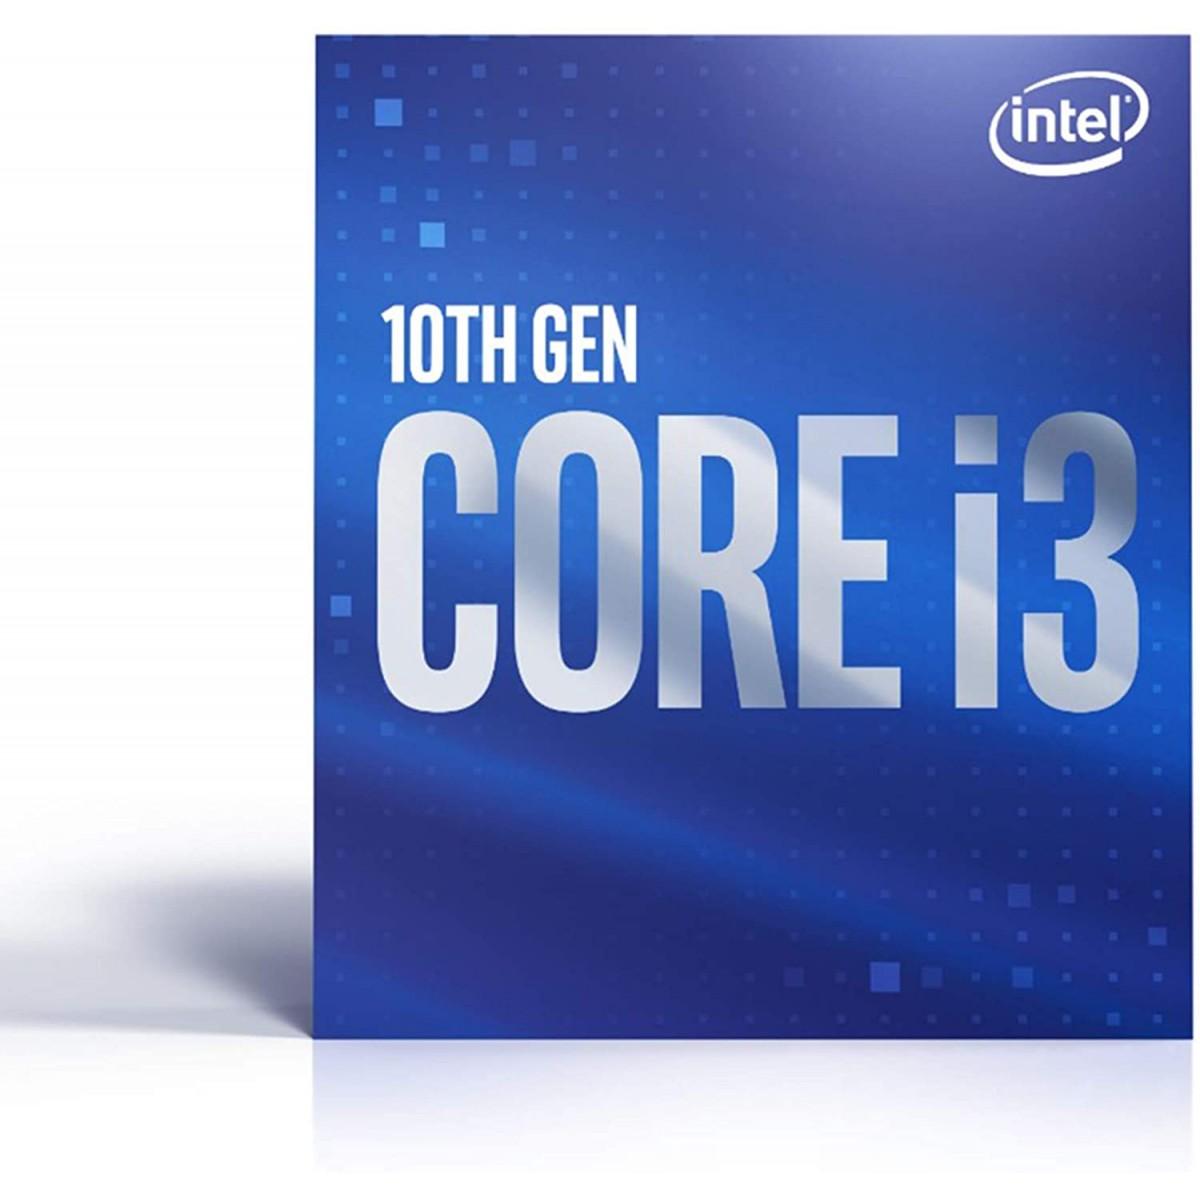 Kit Upgrade Biostar Radeon RX 550 2GB + Intel Core i3 10105F + Geil Evo Potenza 8GB 3000MHz